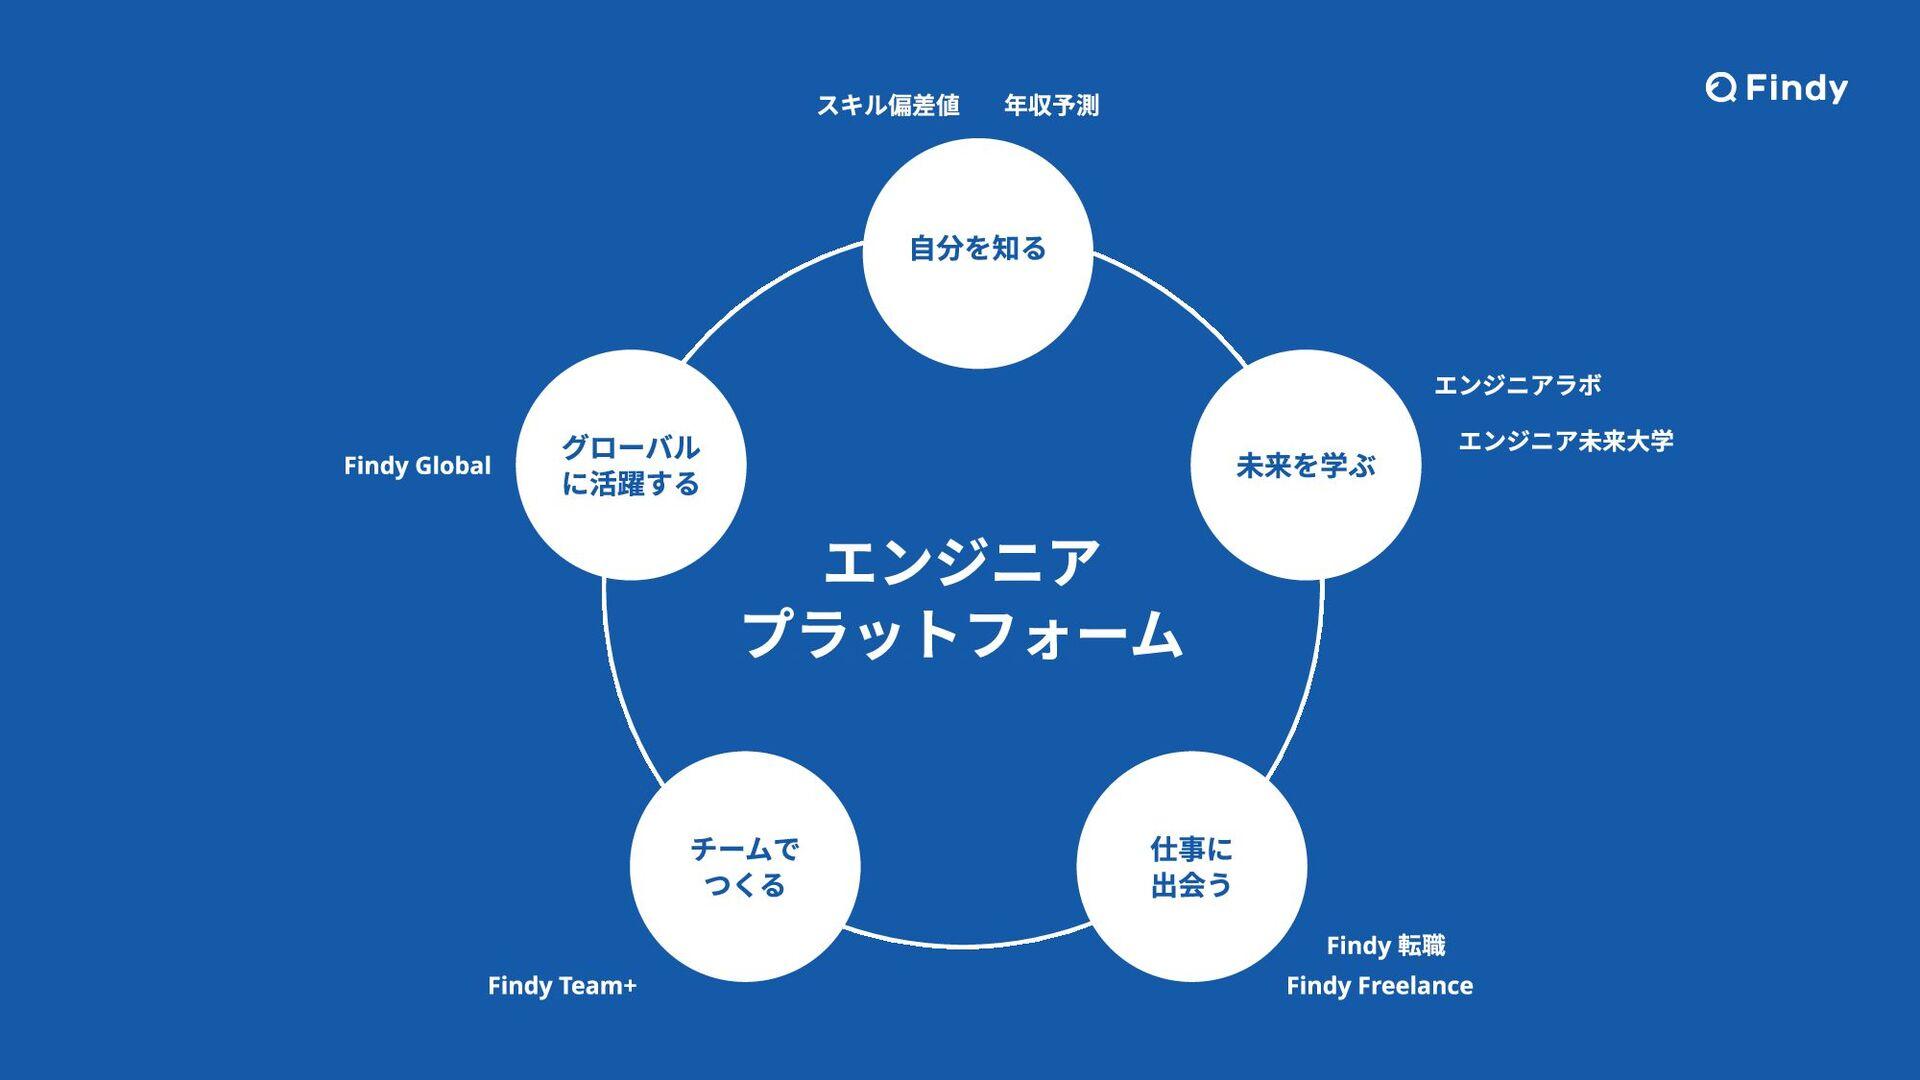 © 2020 Findy Inc. 15 Findyが提供するサービス・プラットフォーム 【フ...